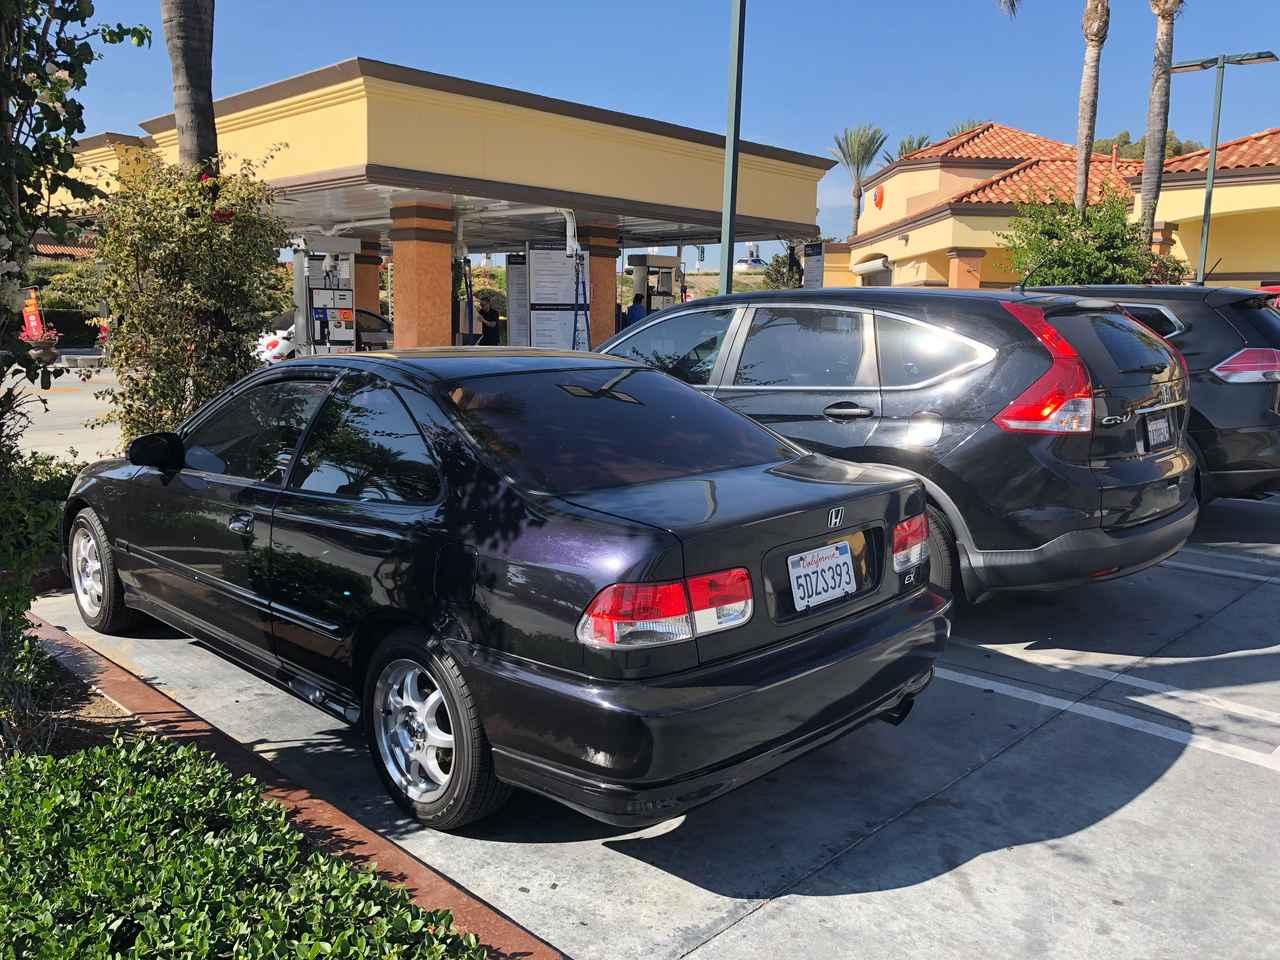 画像5: ドライバー&ライダーの憧れ、ルート66で遭遇したのは…… 【世界で愛されるホンダ車アメリカ ロサンゼルス・サンタモニカ編】